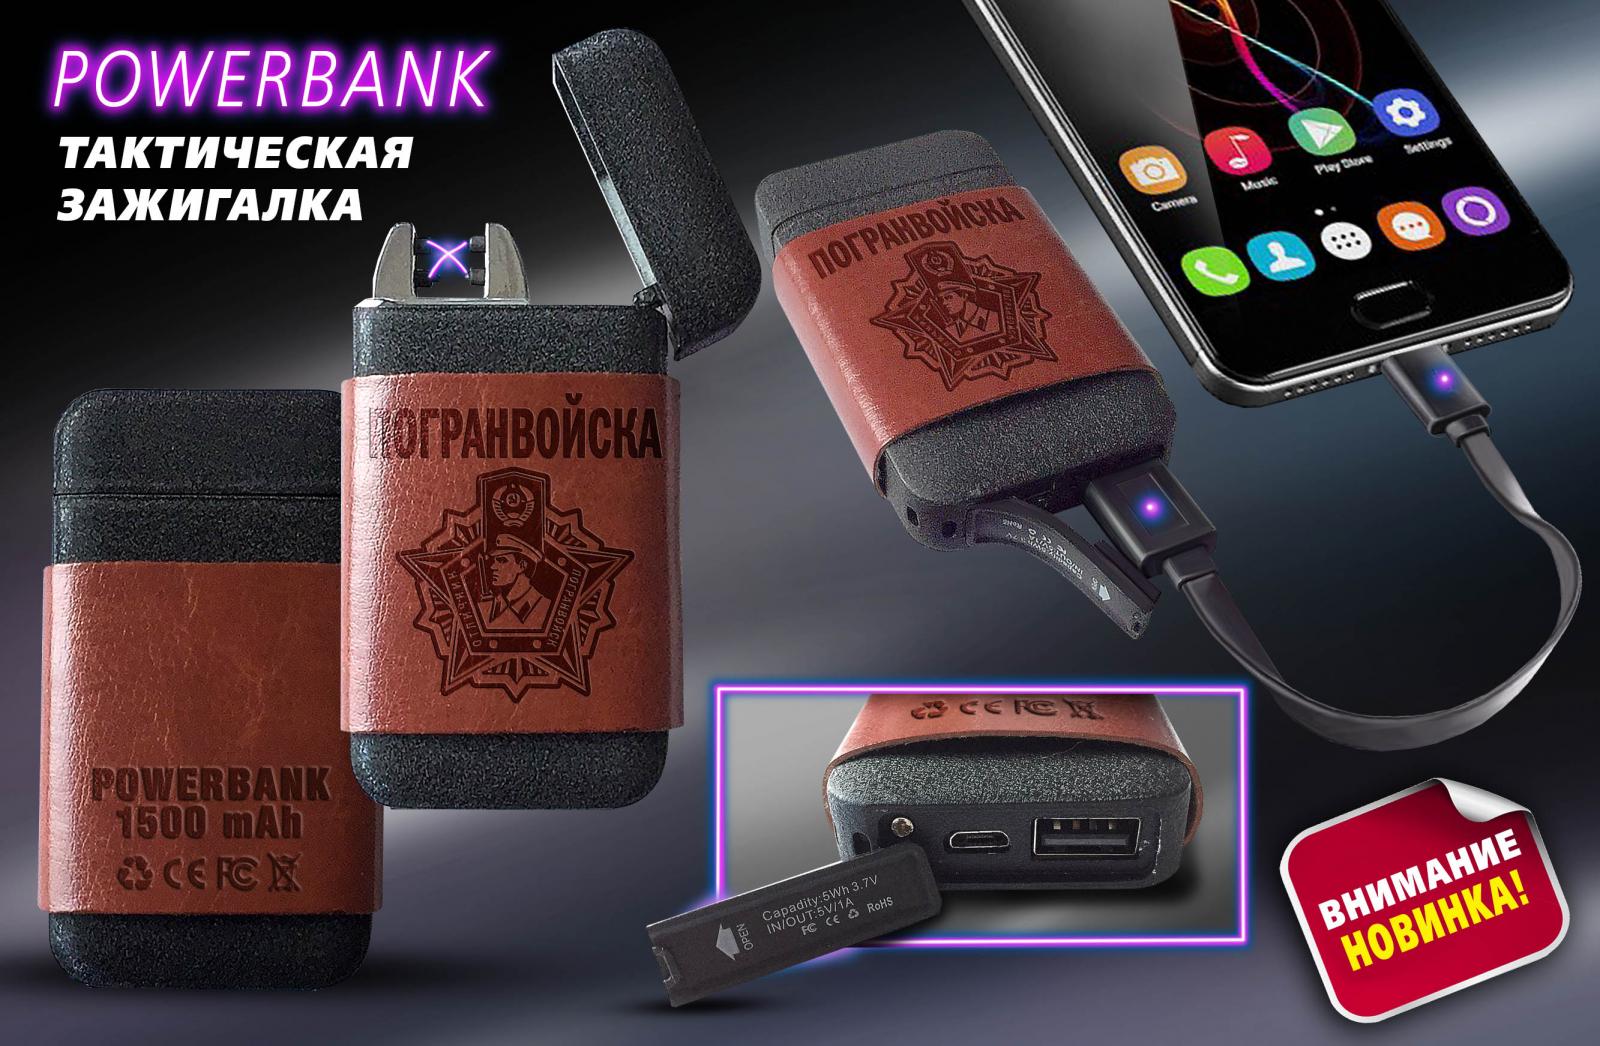 Купить подарок для пограничника – зажигалка + PowerBank